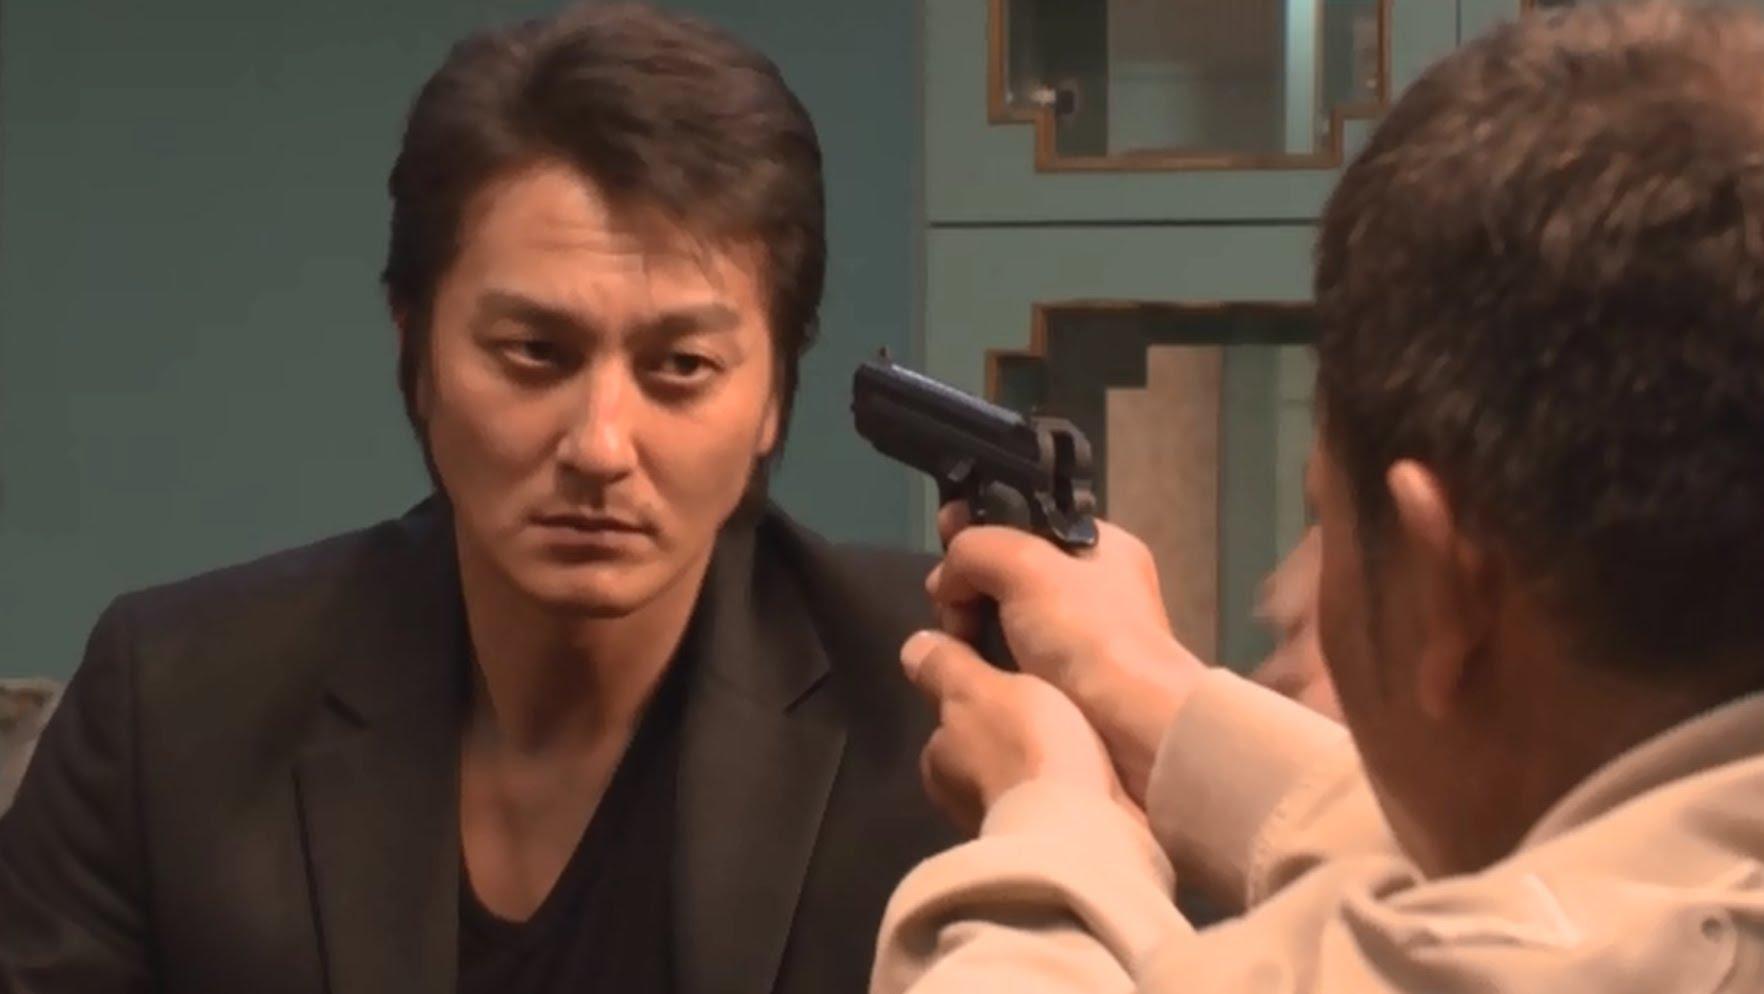 本宮泰風の兄は原田龍二!松本明子の旦那!チーマーで強かった噂あり!のサムネイル画像